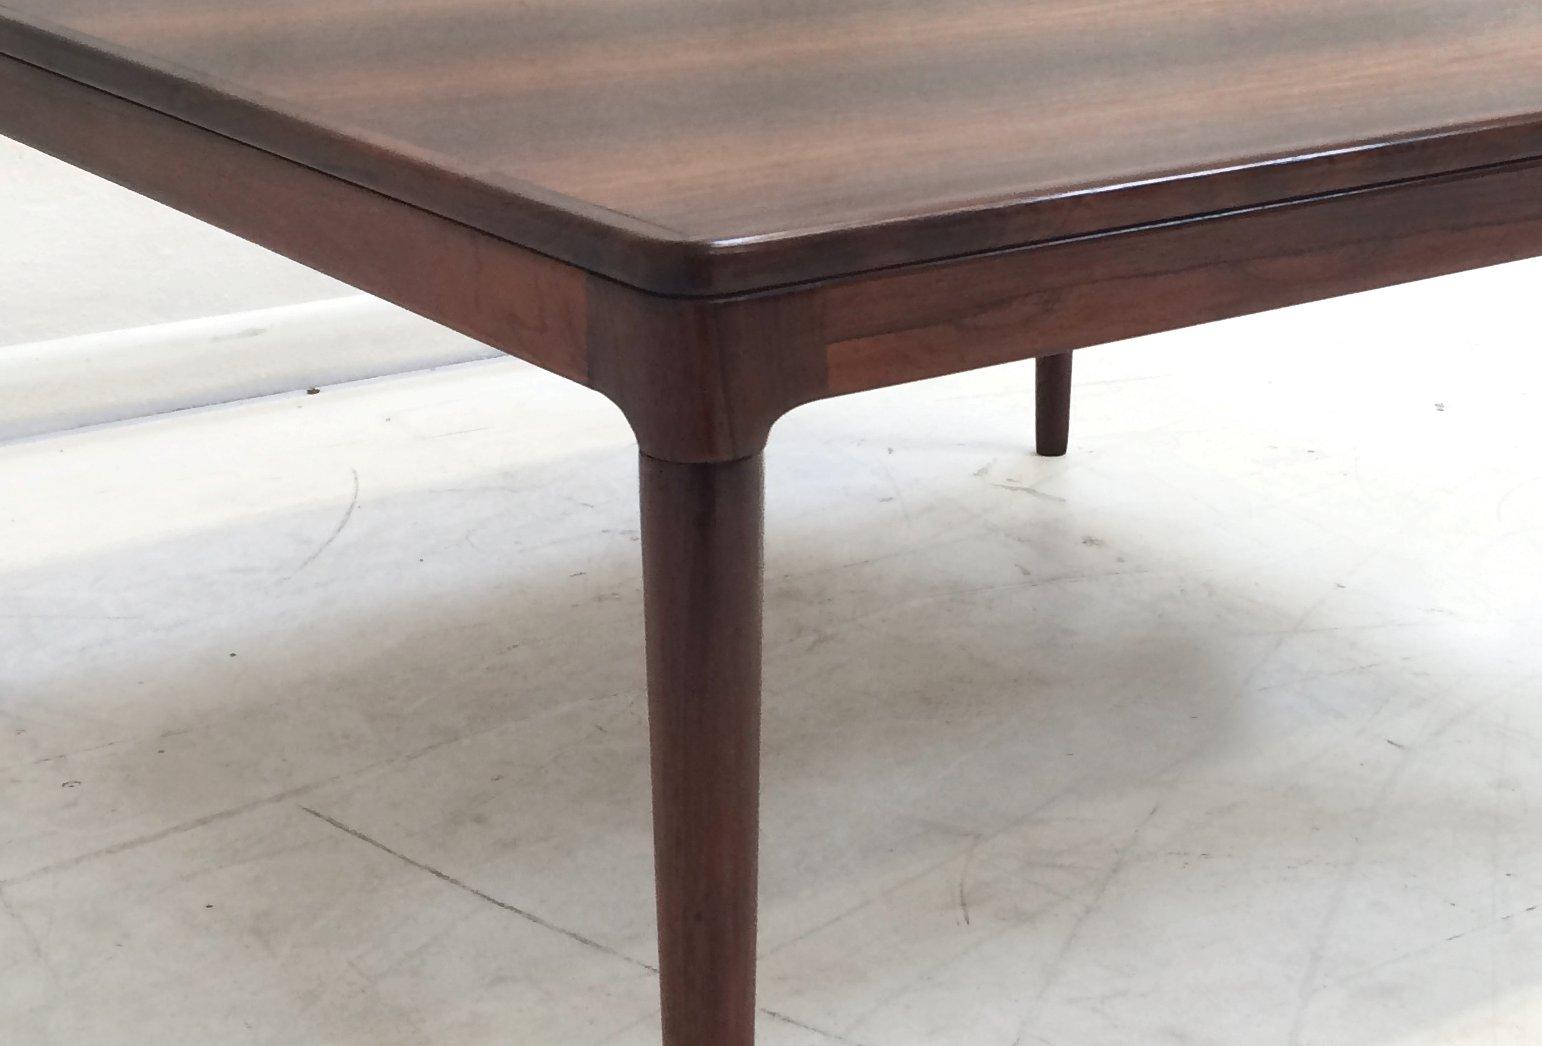 Danish Rosewood Coffee Table By Arne Hovmand Olsen For Mogens Kold, 1950s